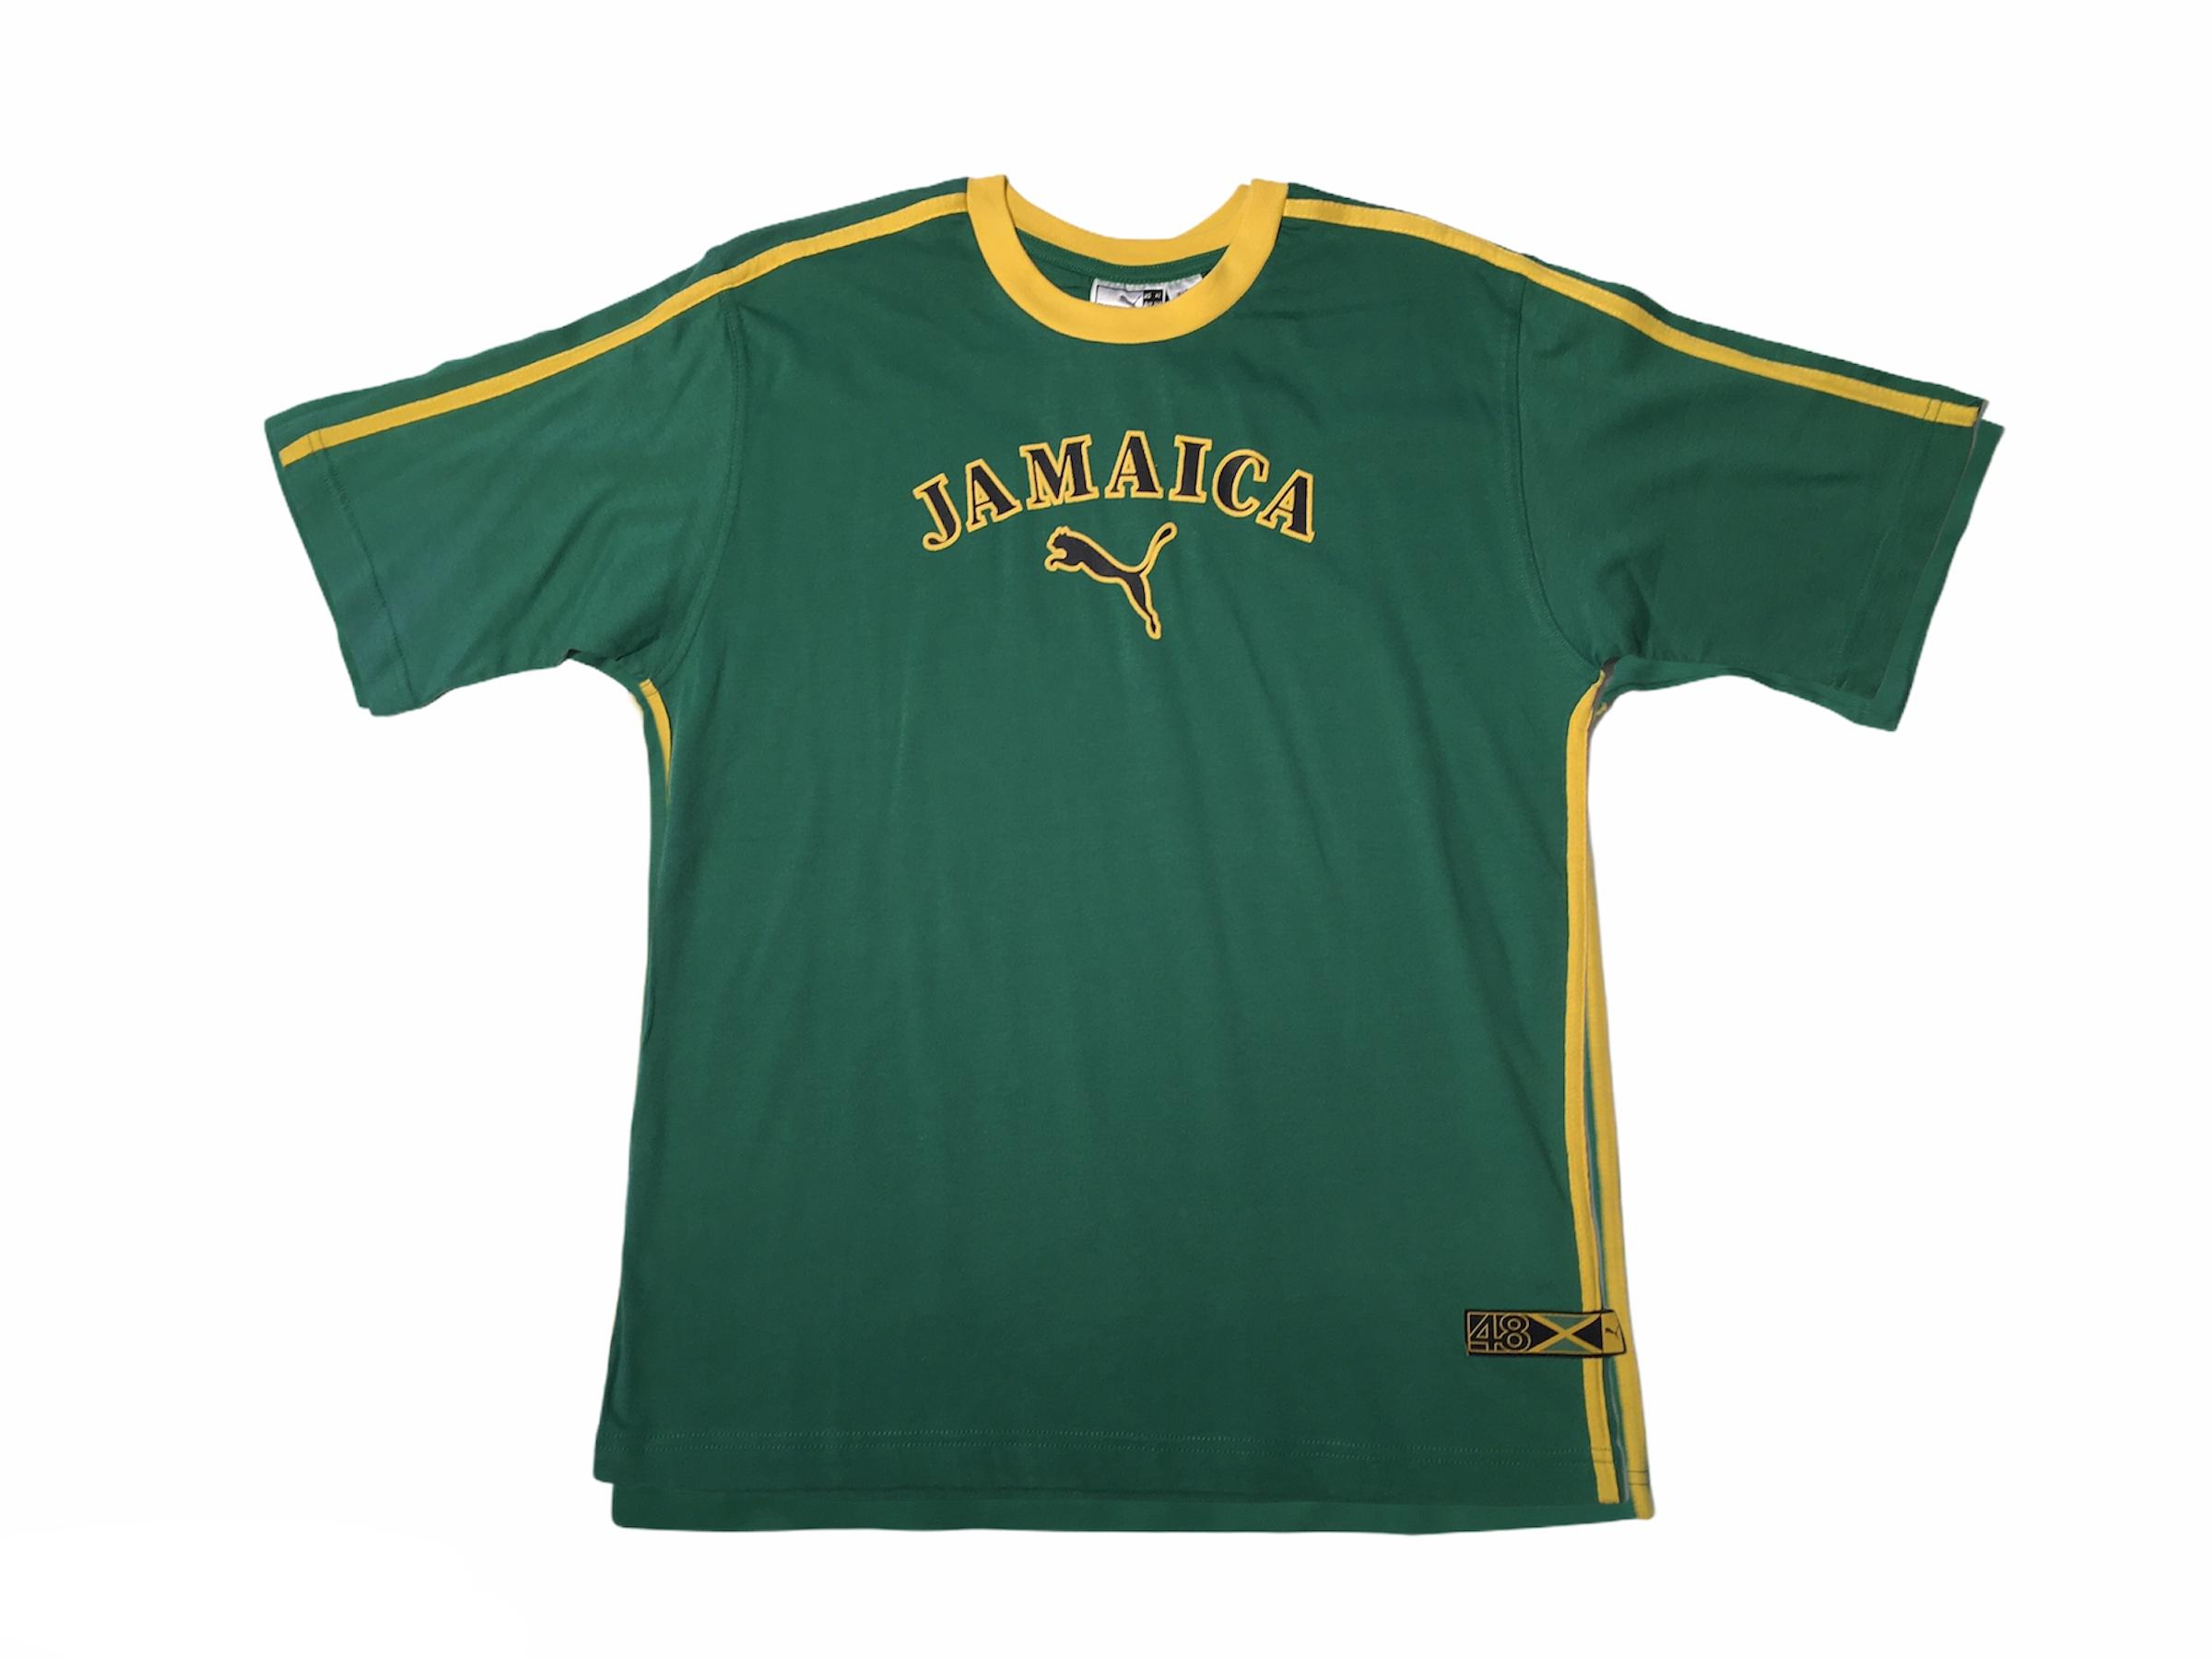 PUMA T-Shirt Jamaica Herren